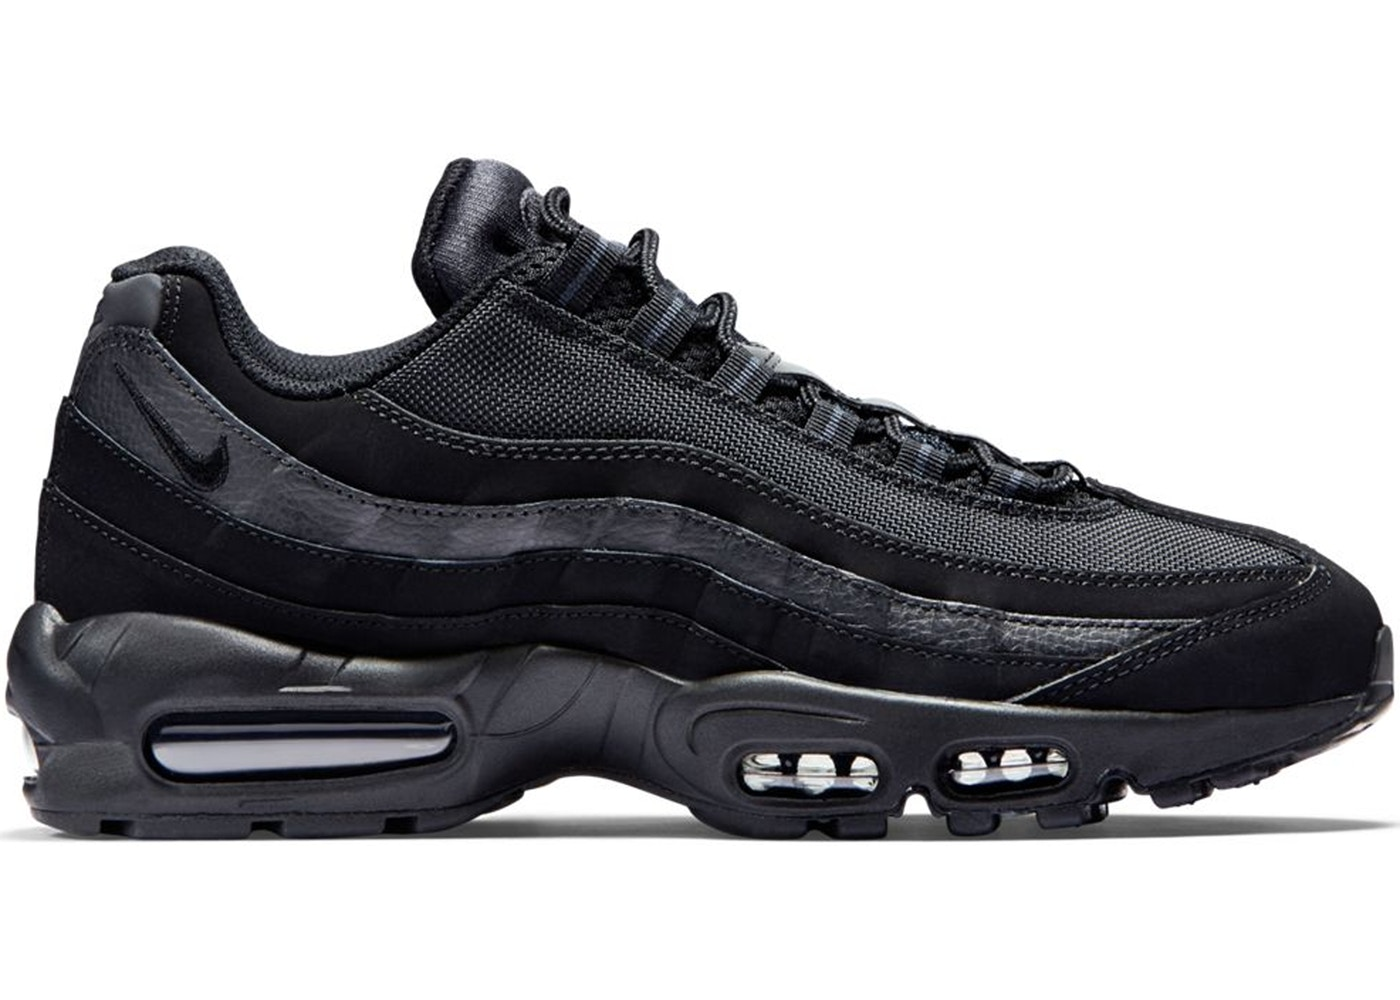 on sale 4684d a182e Nike Air Max 95 All Black 749766-009